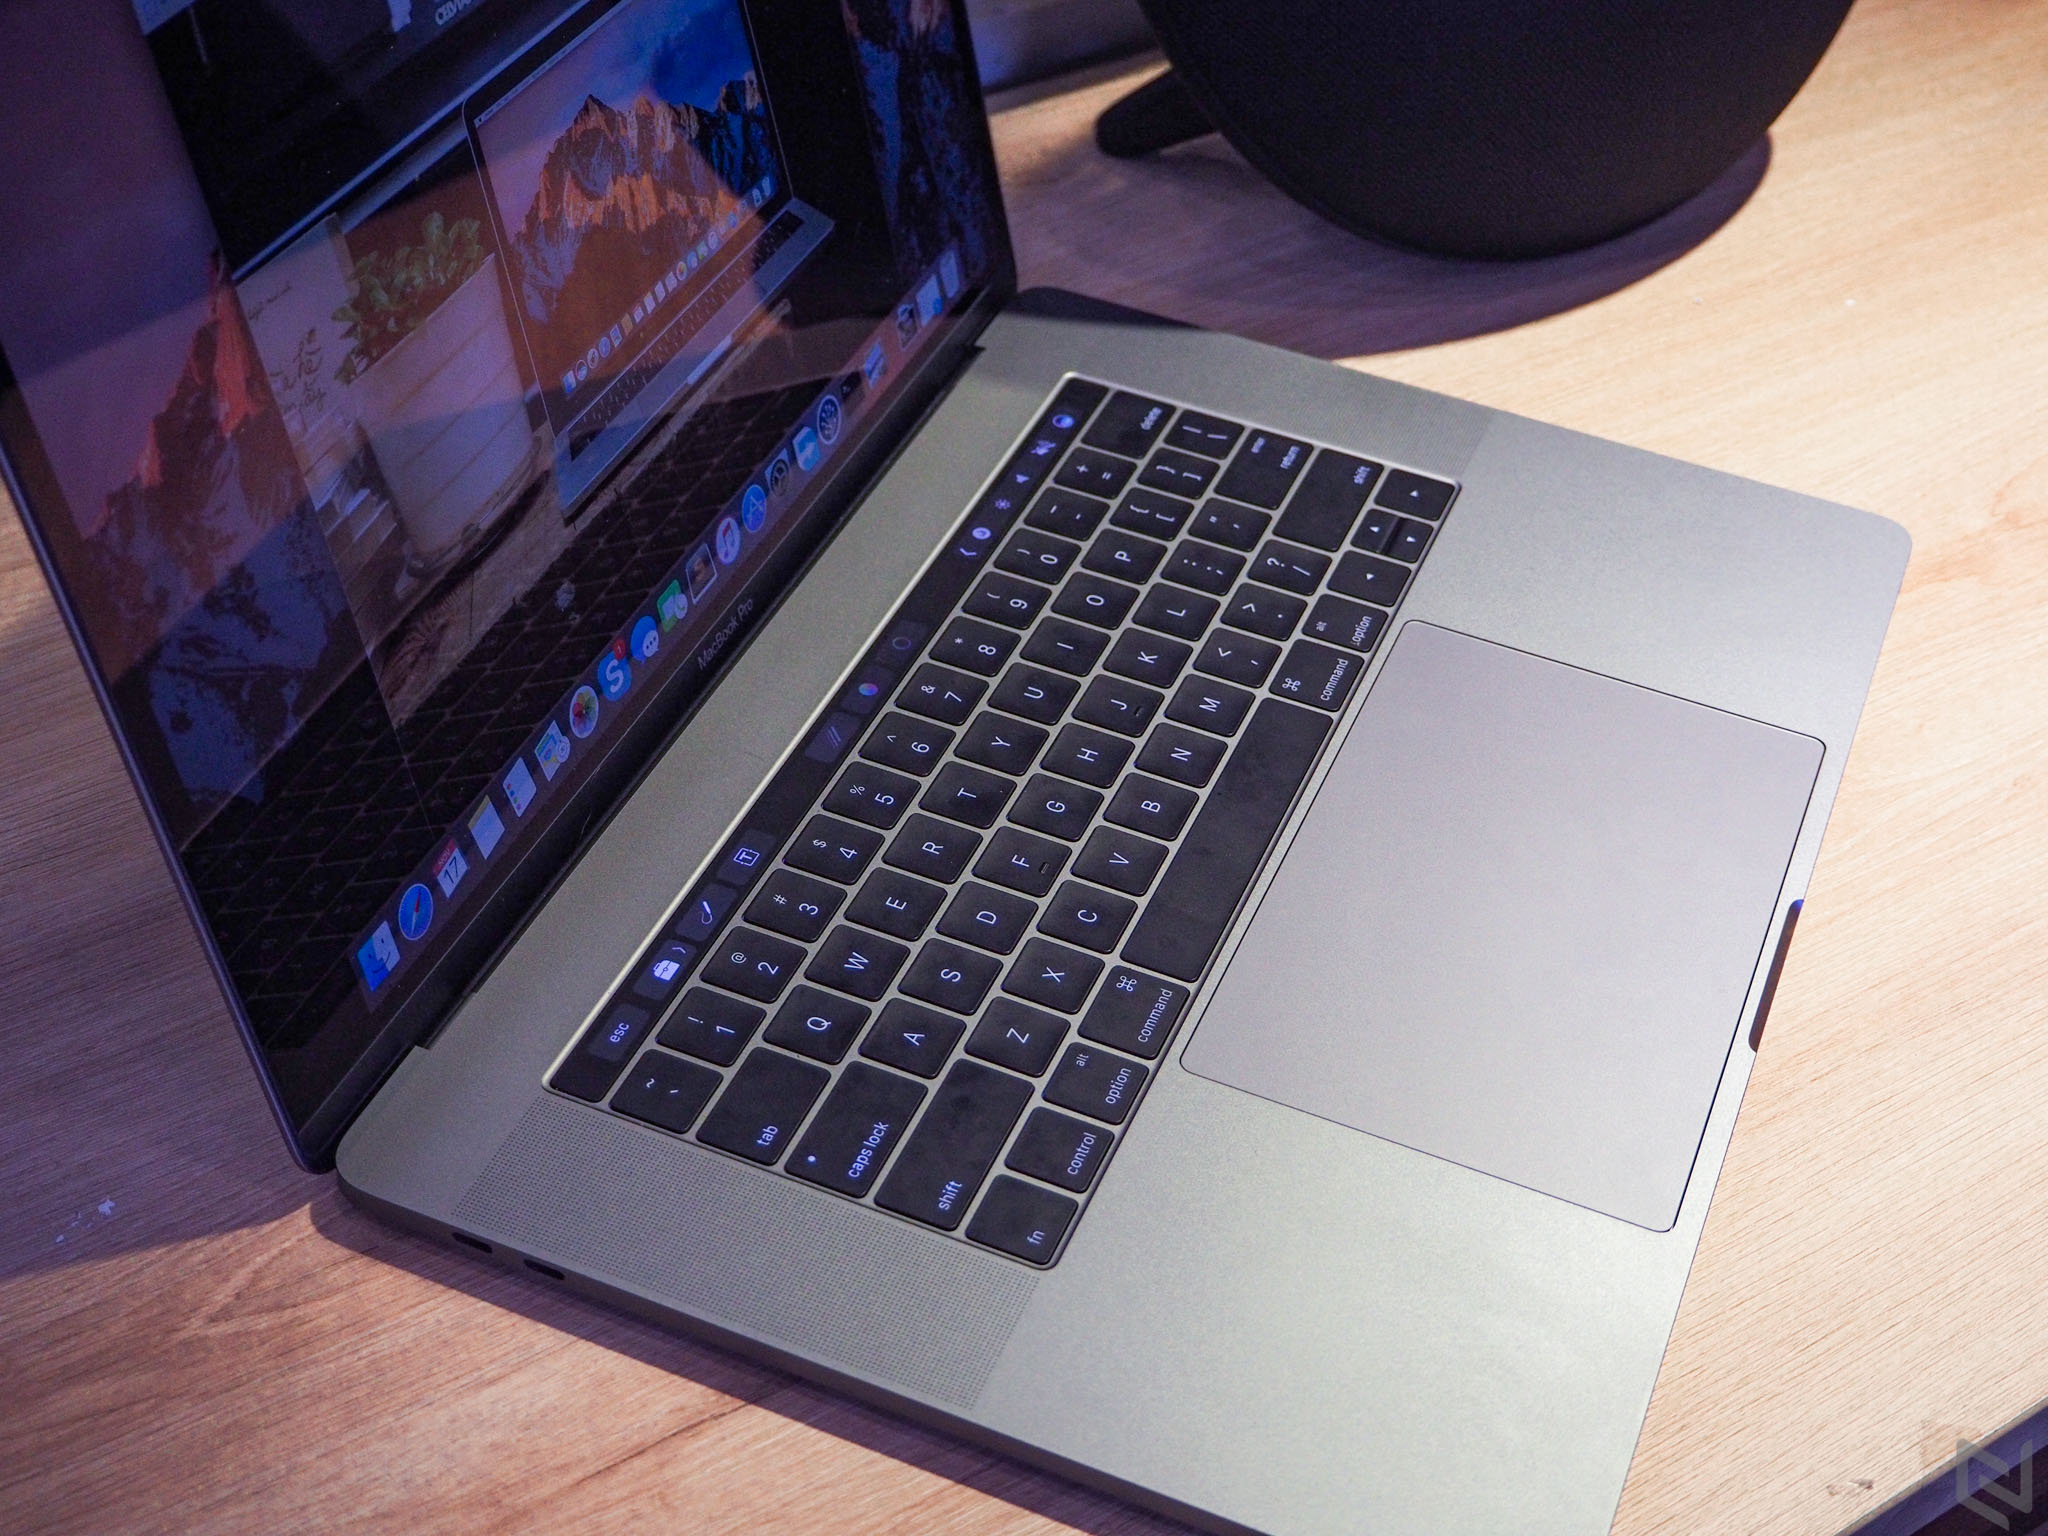 """Trên tay MacBook Pro 2016 bản 15"""": Thiết kế mới, mỏng hơn, nhẹ hơn, TrackPad rất to"""